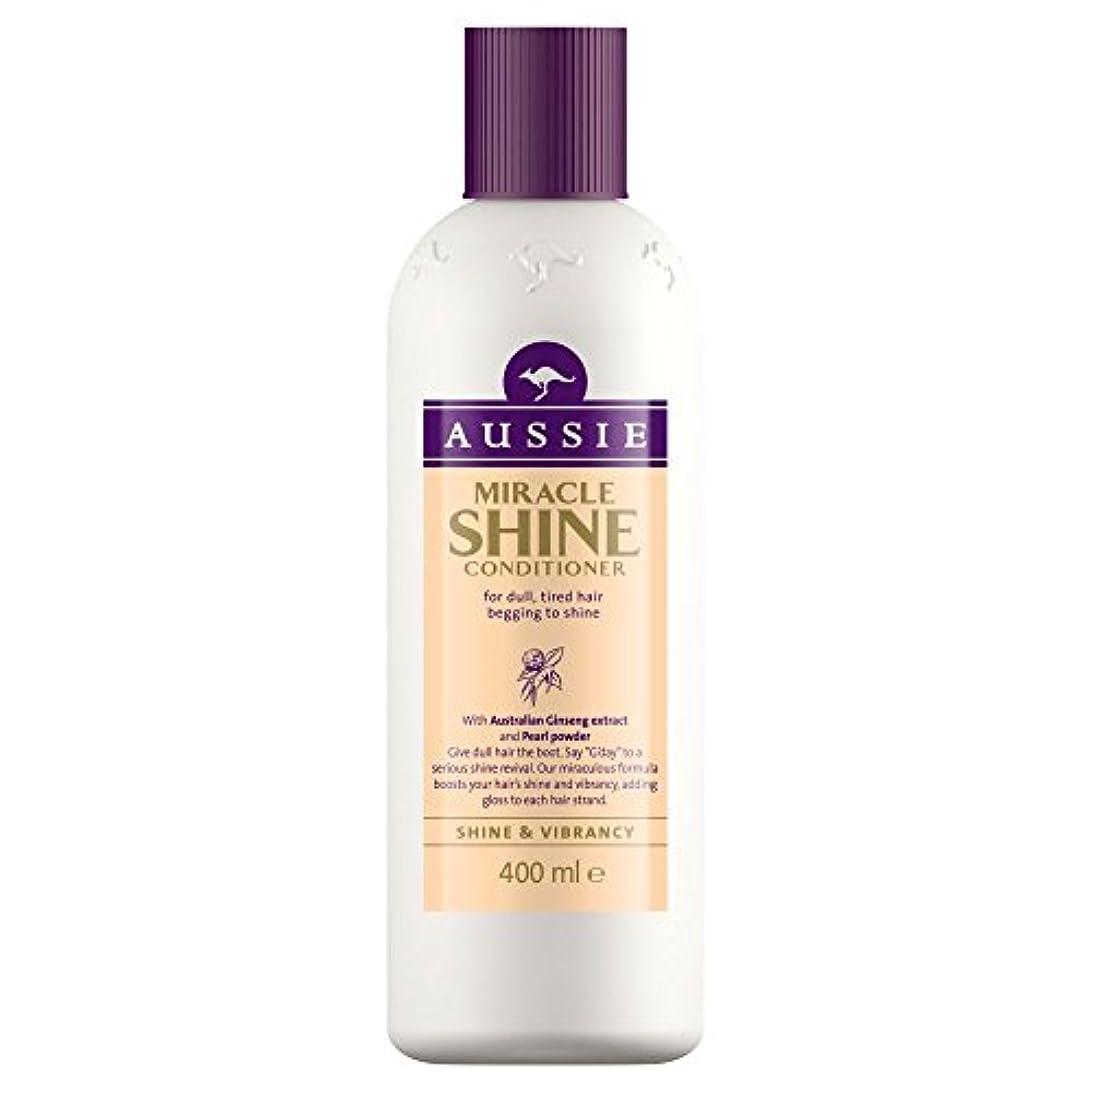 軍隊ジャンクエキゾチックAussie Miracle Shine Conditioner (400ml) オージー奇跡のシャインコンディショナー( 400ミリリットル) [並行輸入品]